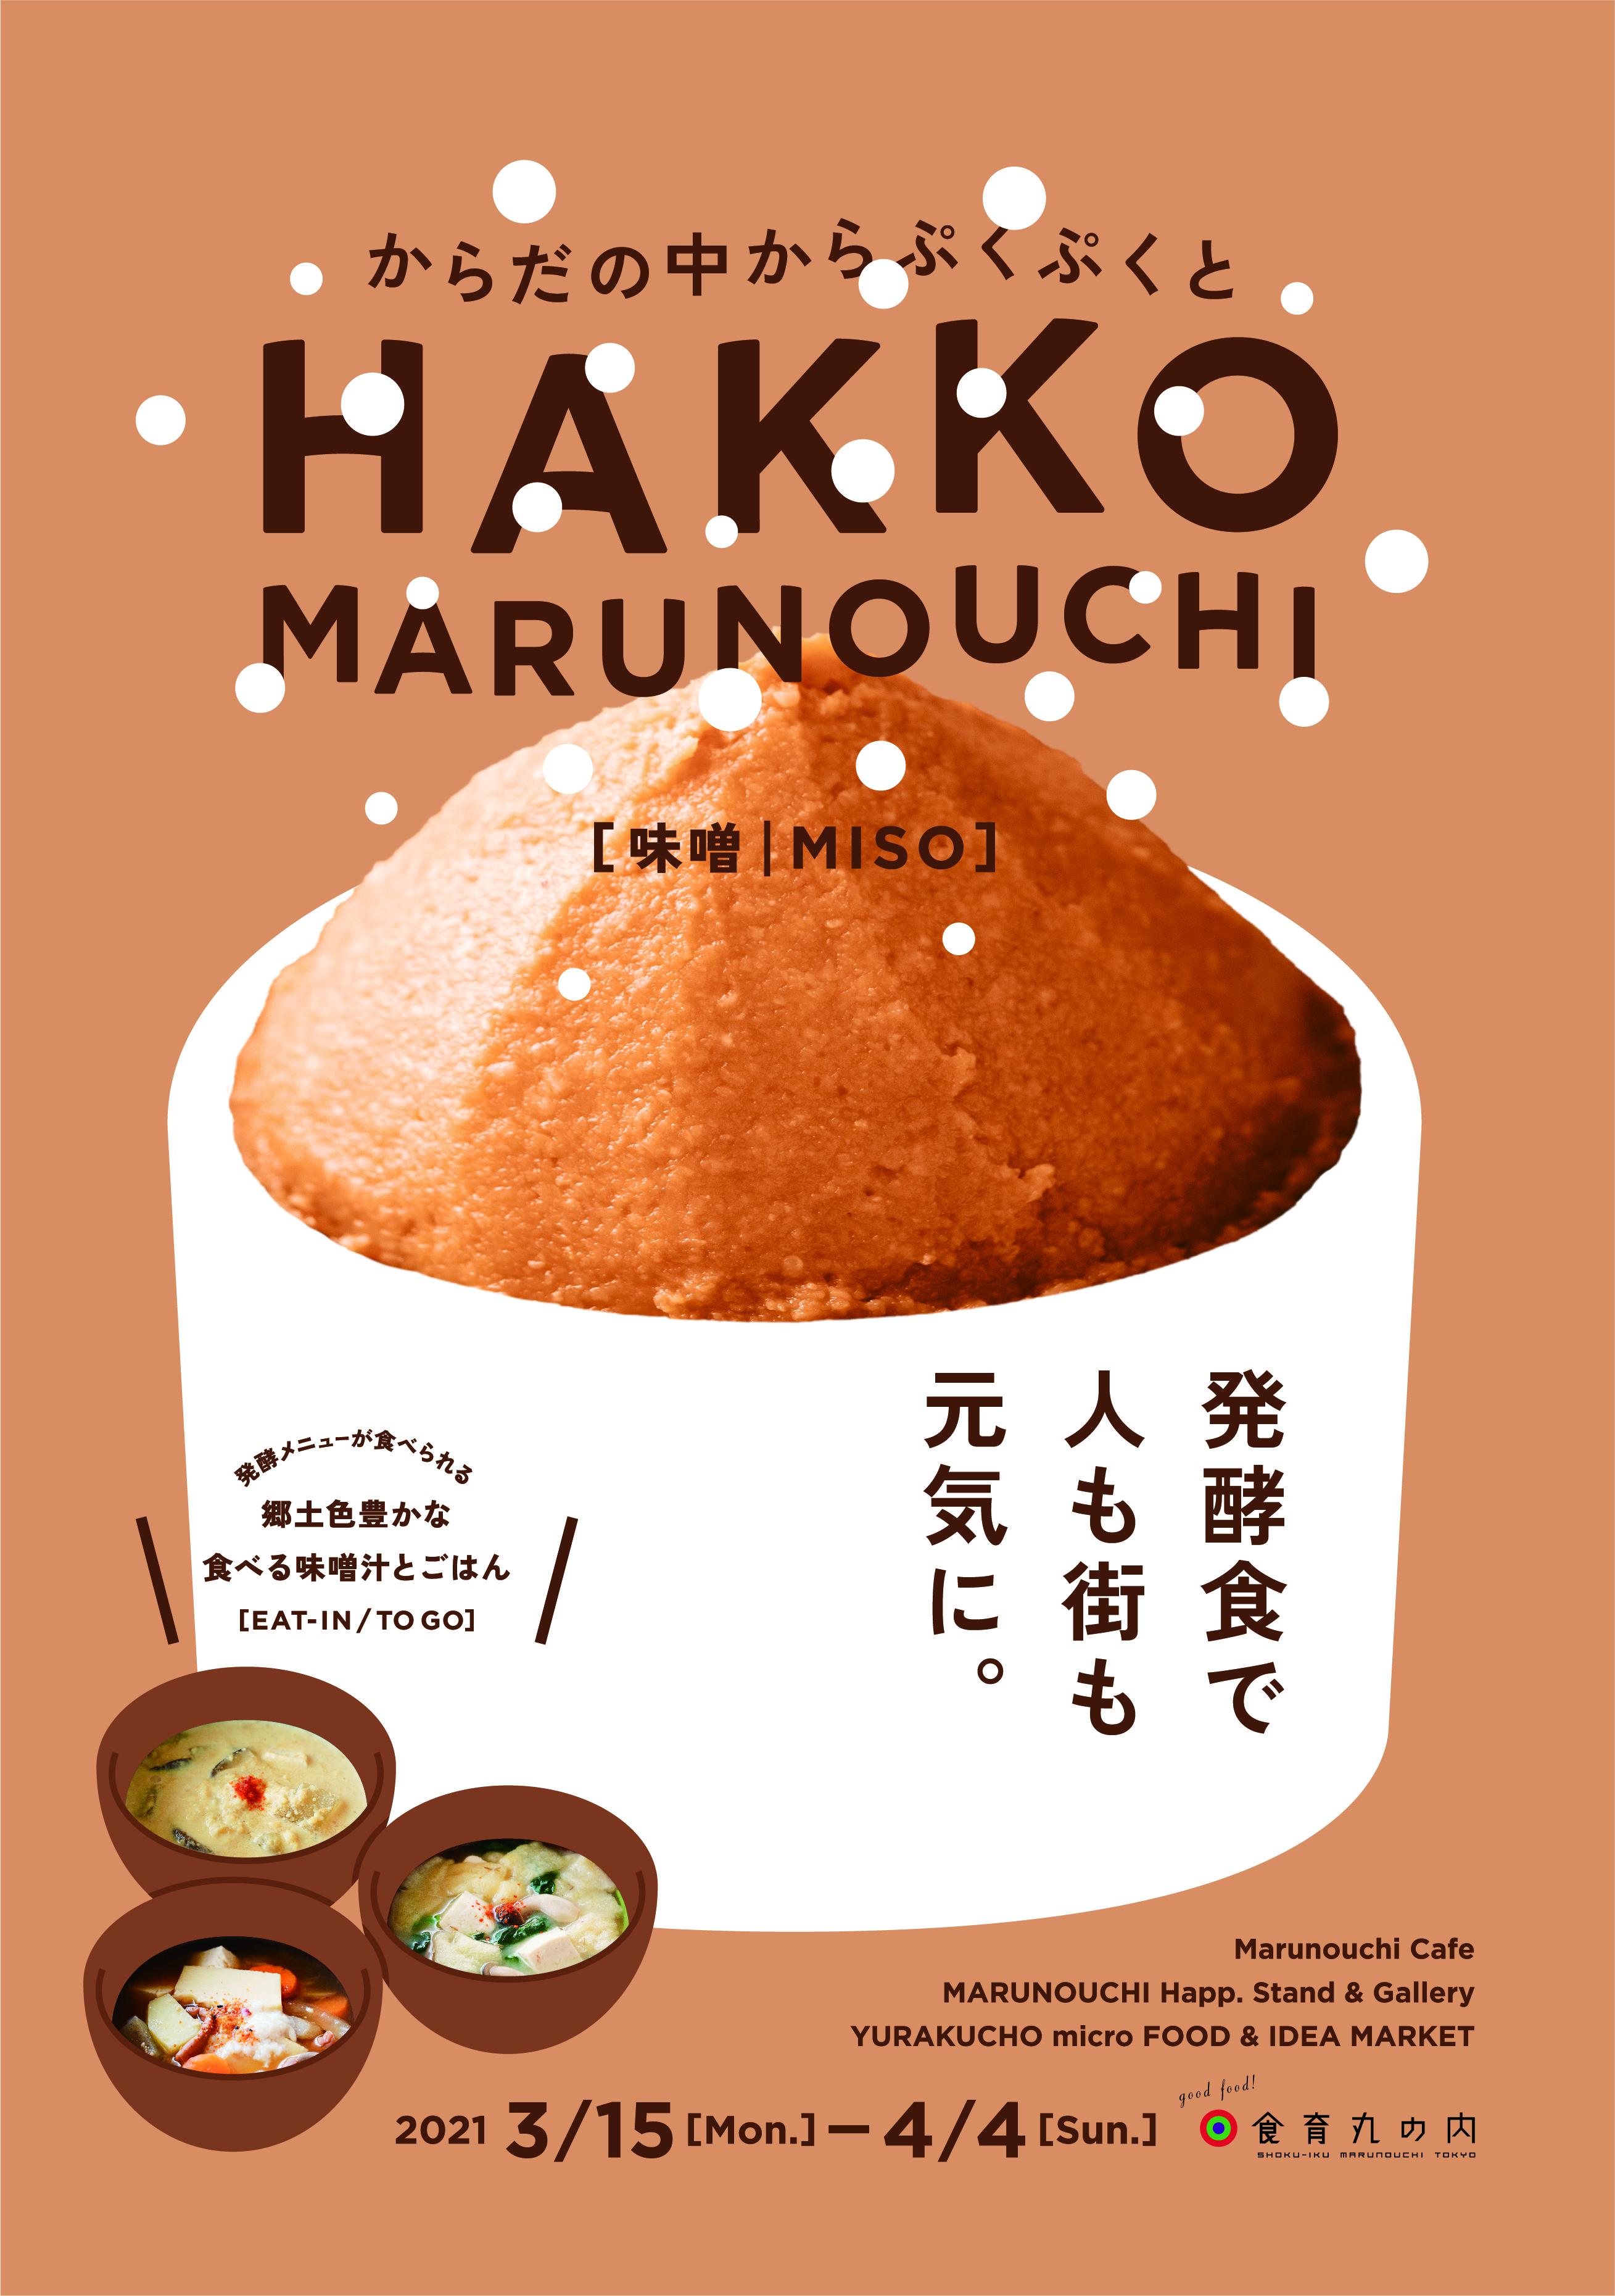 【EVENT】ヴィーガンけんちん汁と発酵デリで健康に!「HAKKO MARUNOUCHI」とのスペシャルコラボメニュー提供!